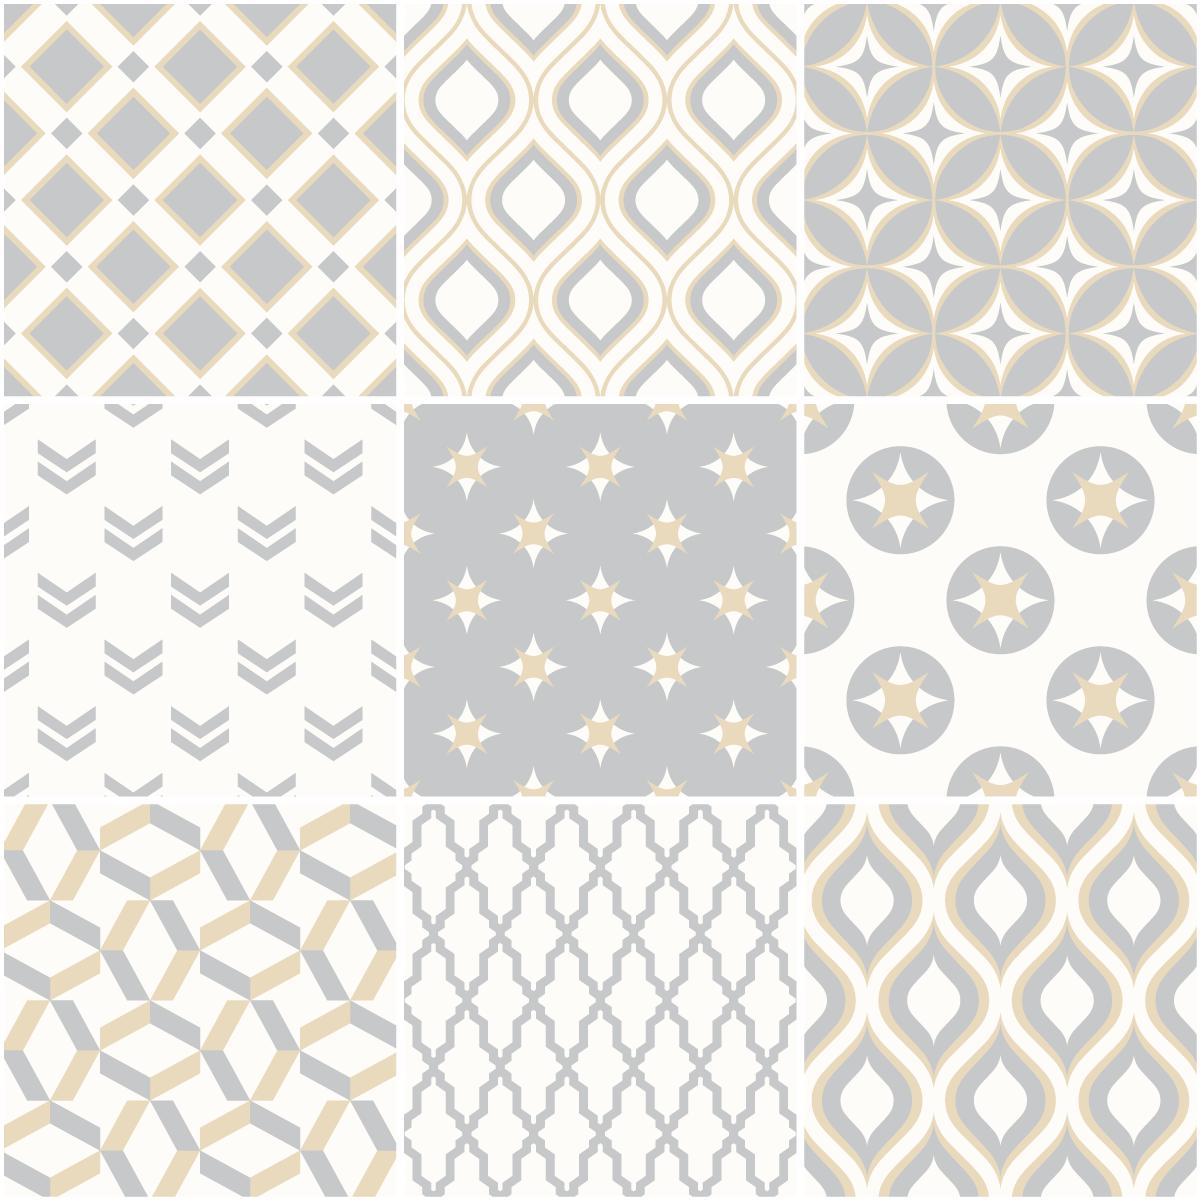 9 stickers carreaux de ciment scandinave samtida salle de bain et wc salle de bain ambiance - Motif scandinave a imprimer ...